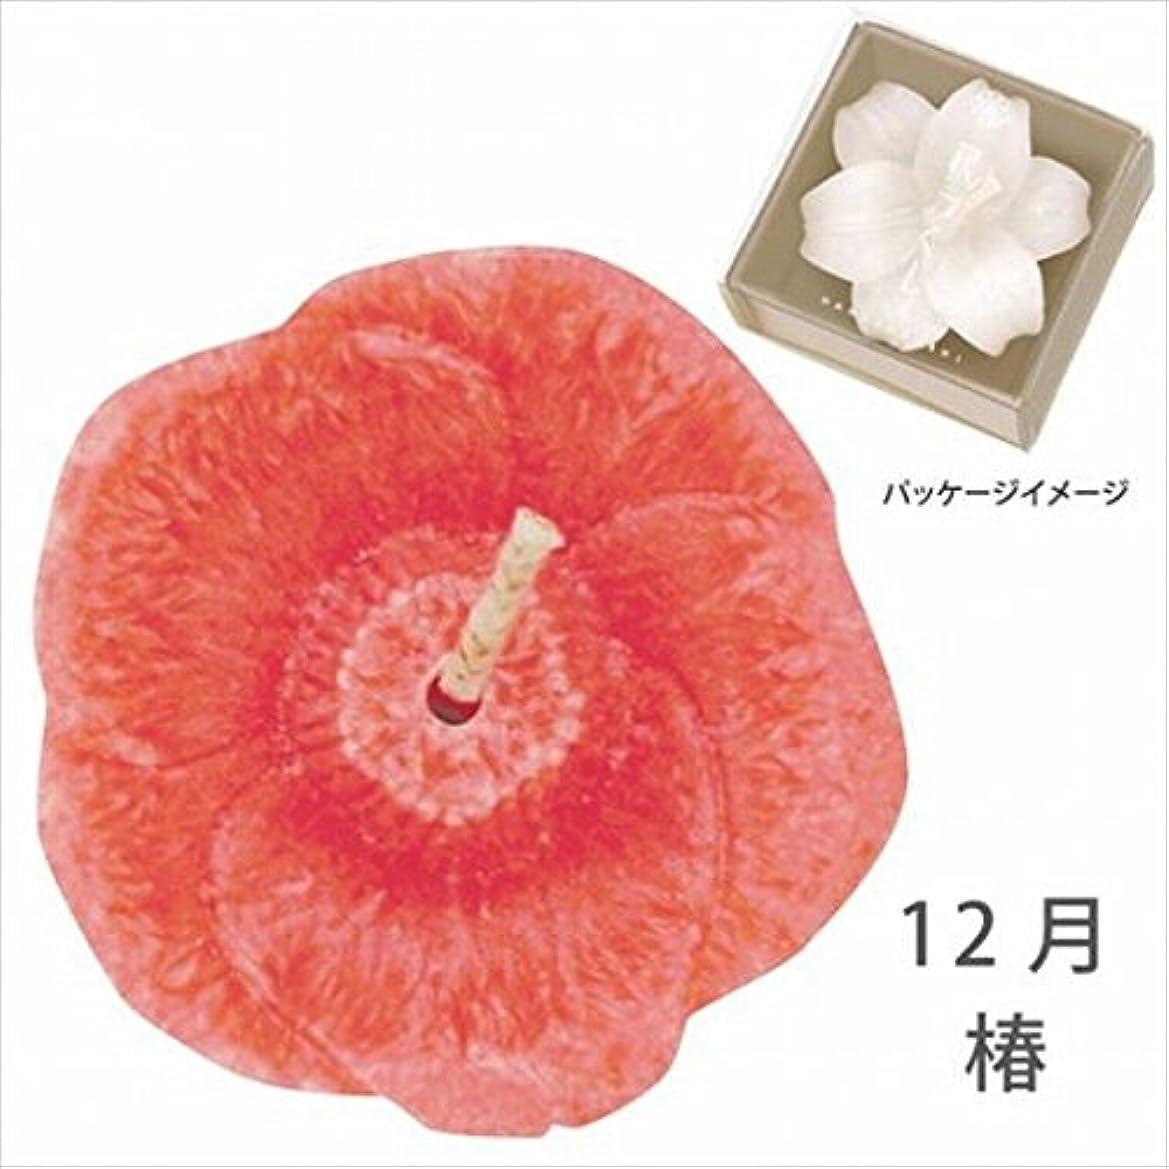 罪人稼ぐお風呂を持っているカメヤマキャンドル( kameyama candle ) 花づくし(植物性) 椿 「 椿(12月) 」 キャンドル